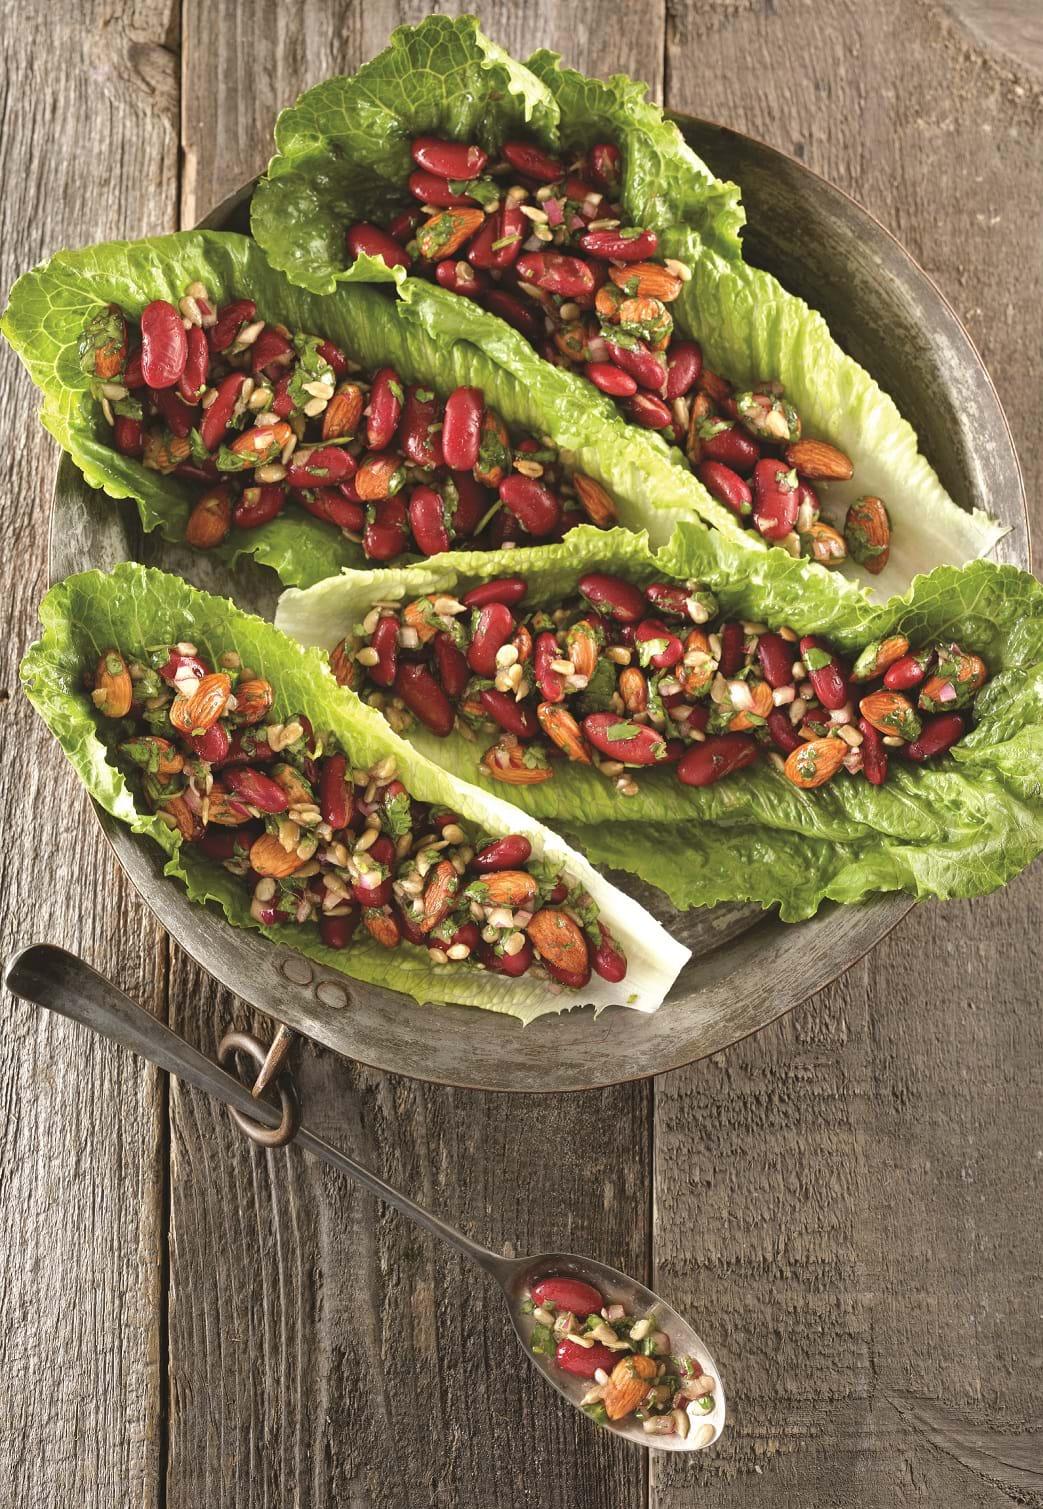 recettes sant nutrisimple salade de haricots rouges aux amandes. Black Bedroom Furniture Sets. Home Design Ideas